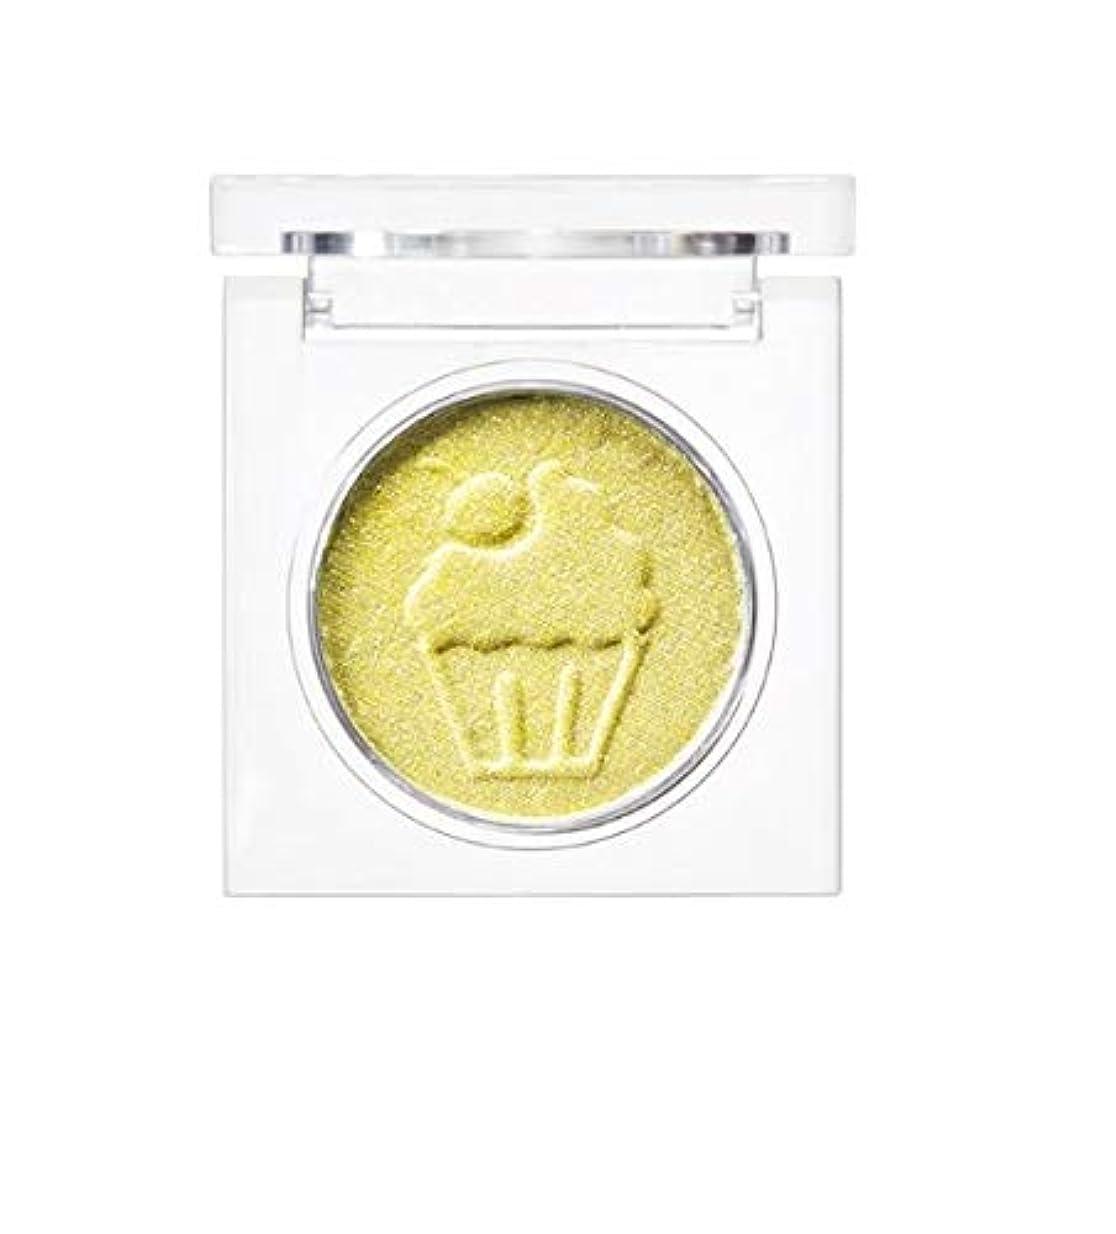 革命眠る細断Skinfood 私のデザートパーティーアイシャドウ#G02ライムプリン / My Dessert Party Eyeshadow #G02 Lime Pudding [並行輸入品]